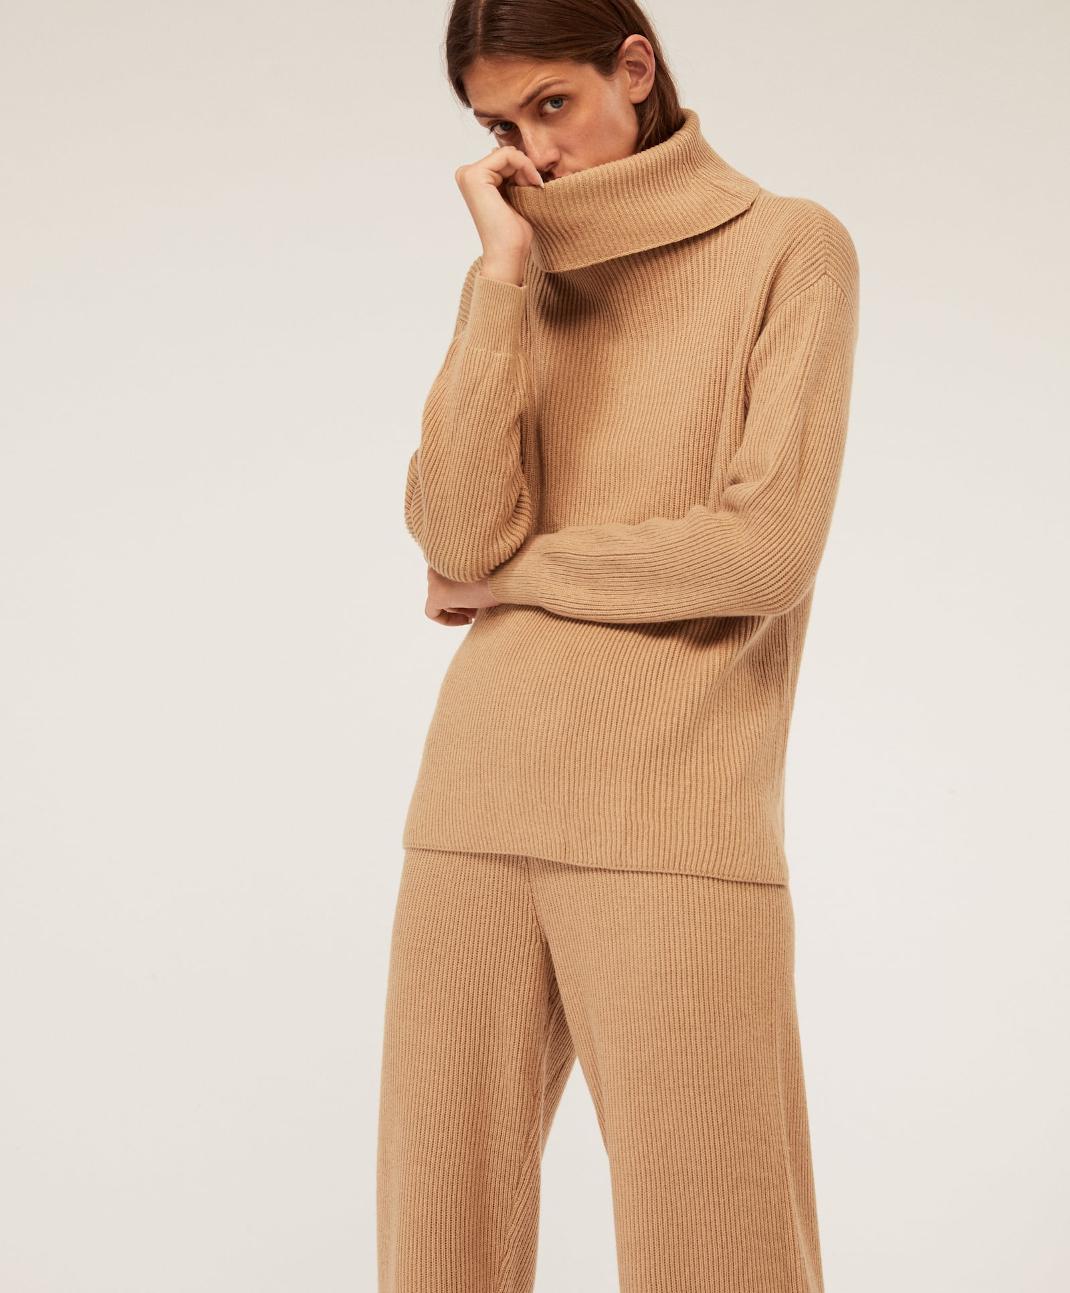 γυναίκα με μάλλινο πουλόβερ Oysho